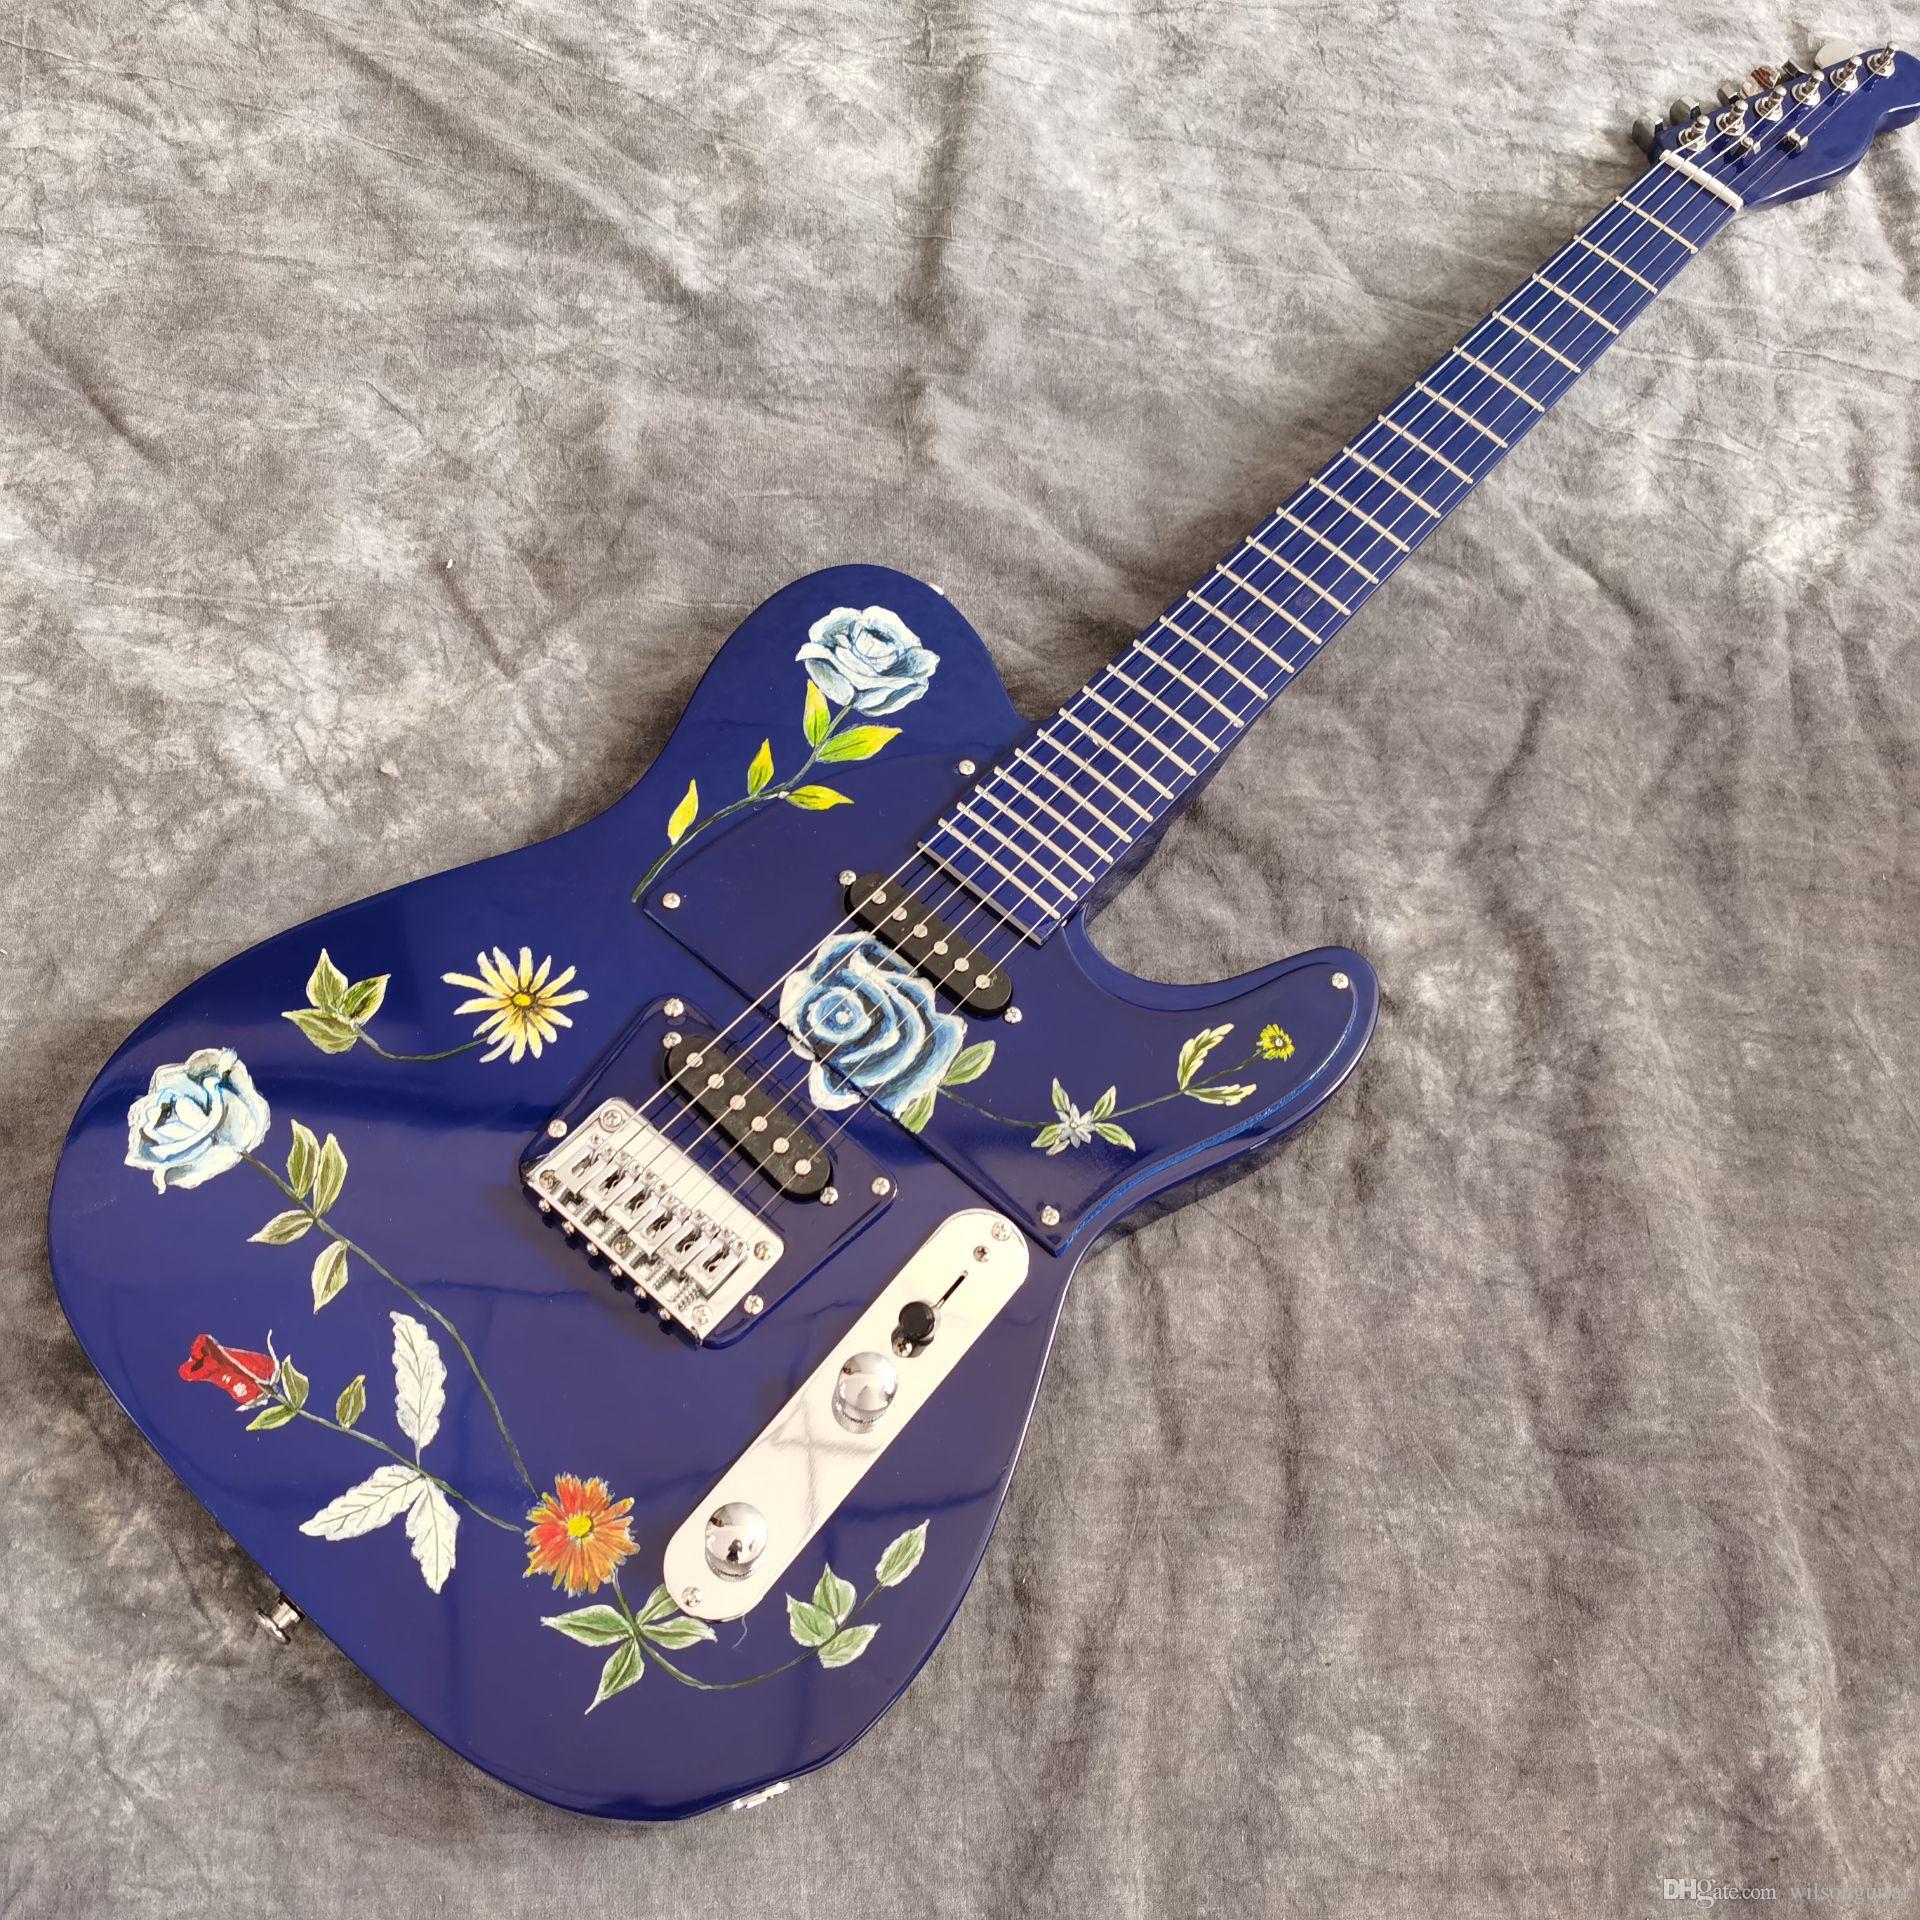 Yeni stil. elektrikli gitarın, kaliteli manyetikler, el işi 6 sokması fingerboard.real fotoğrafları guitarra.maple